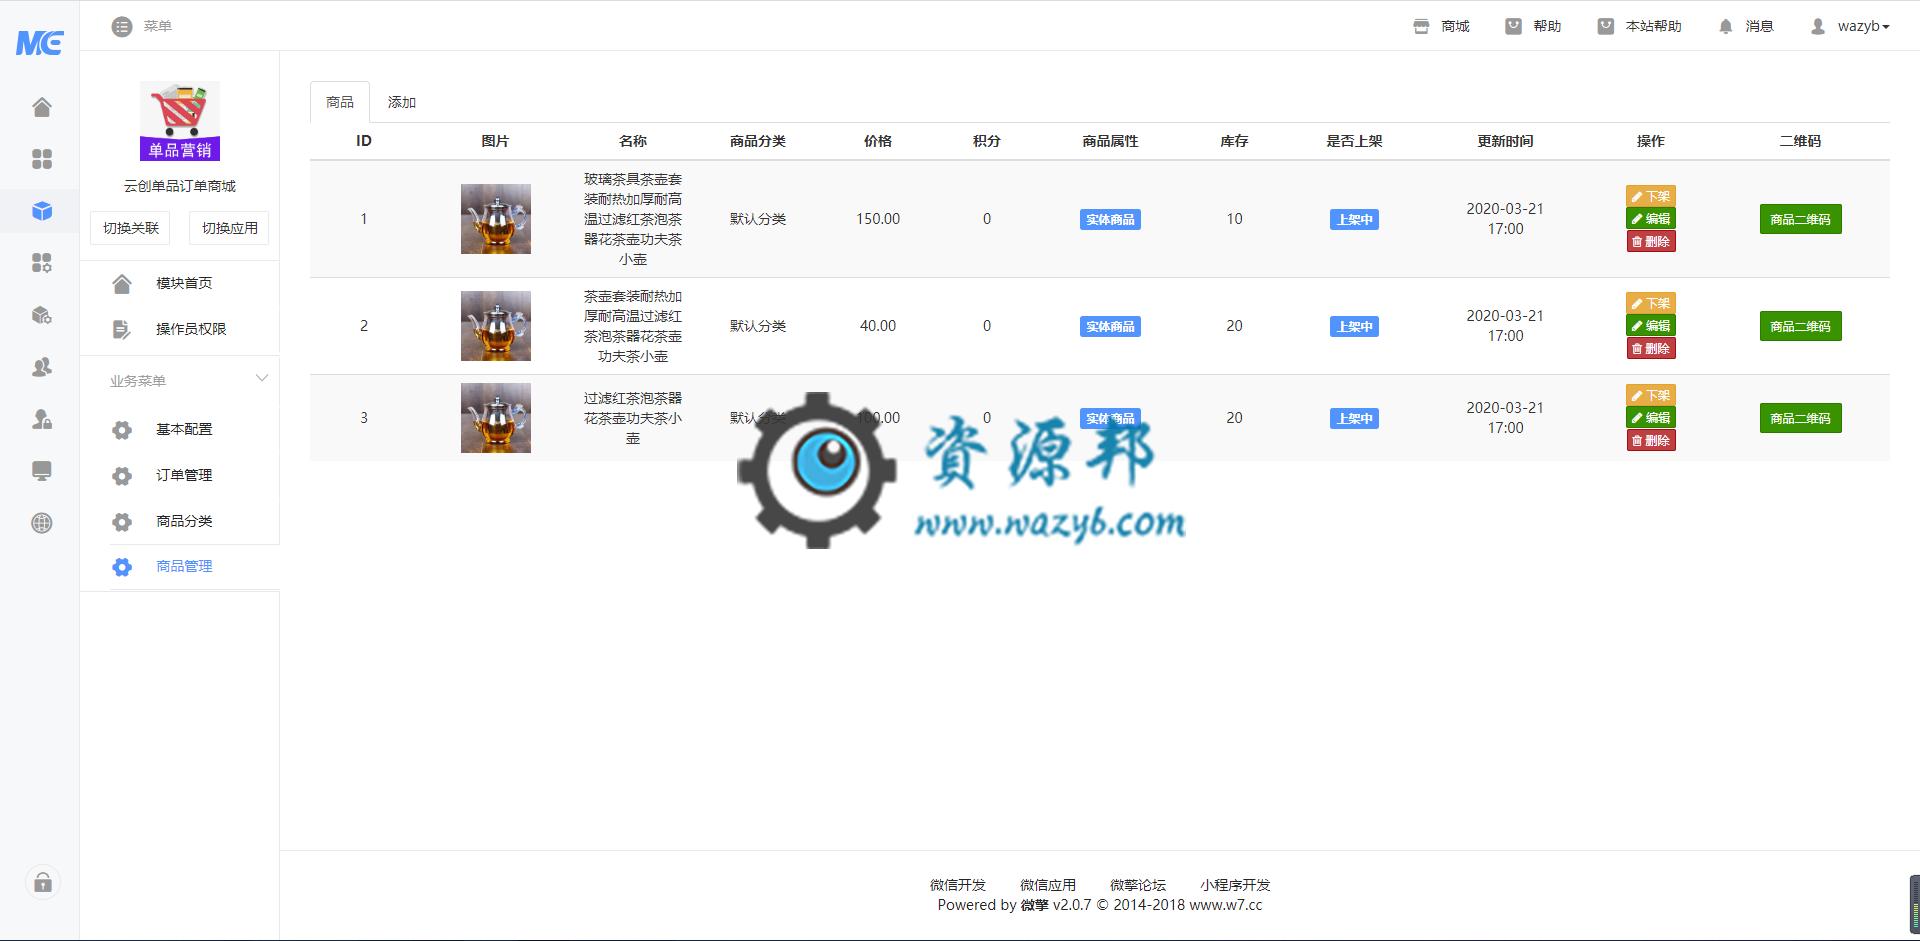 【公众号应用】云创单品订单商城V1.0.16完整源码包,修正商品内容视频字段默认值 公众号应用 第4张